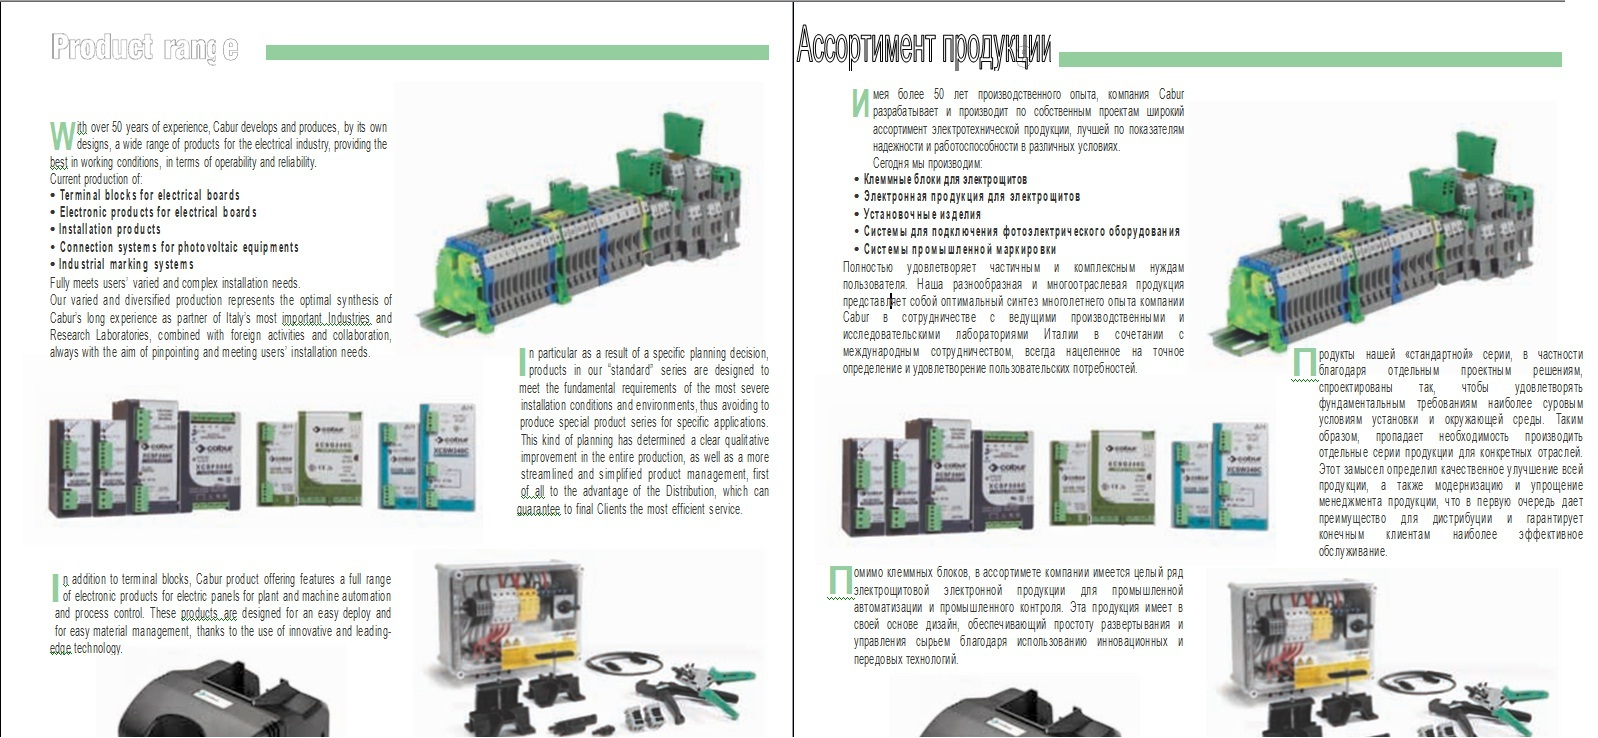 En-Ru Каталог электронной продукции для электрощитов от Cabur